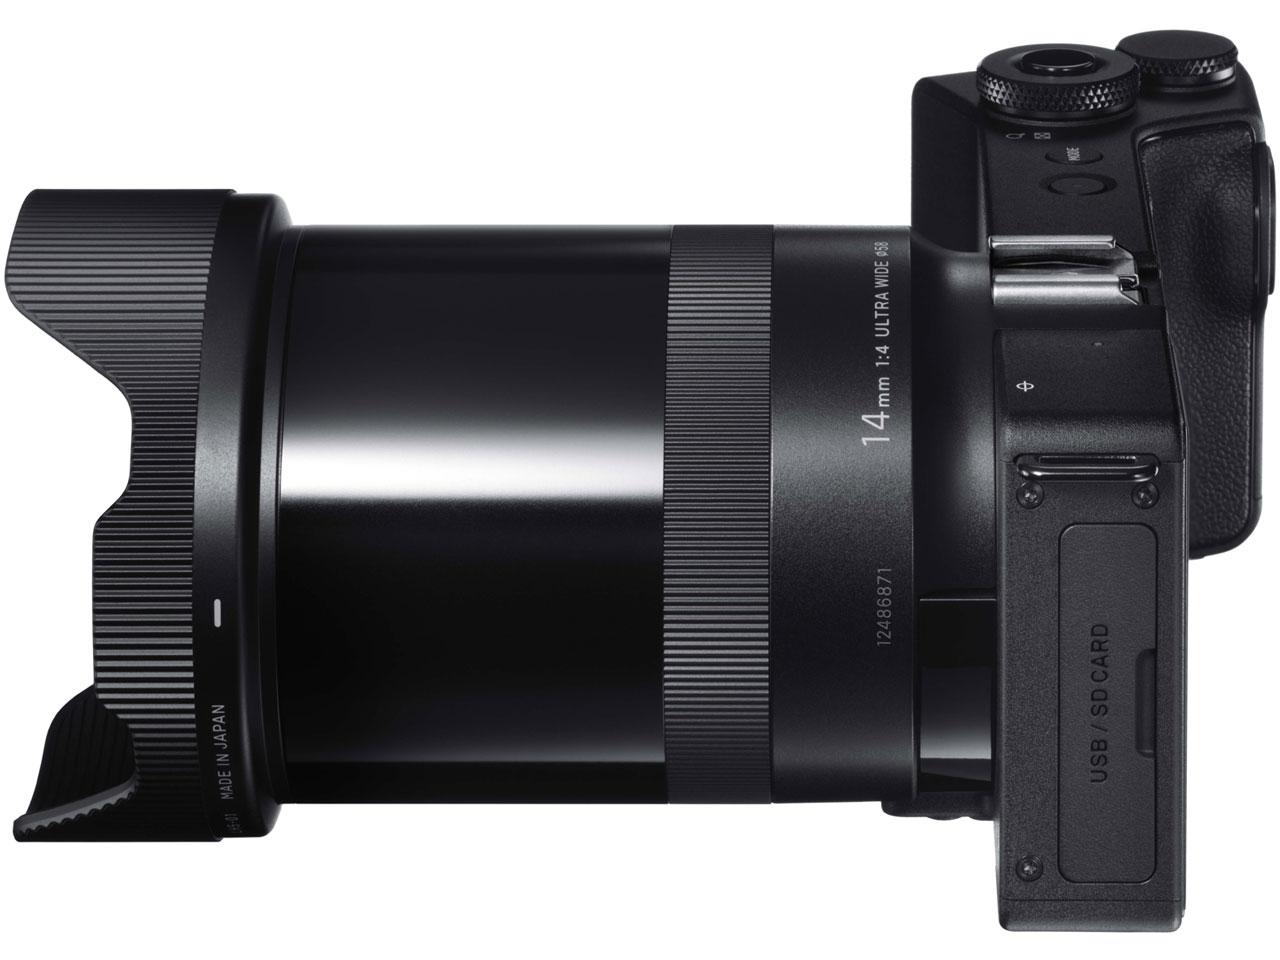 『本体 右側面』 SIGMA dp0 Quattro LCD ビューファインダーキット の製品画像